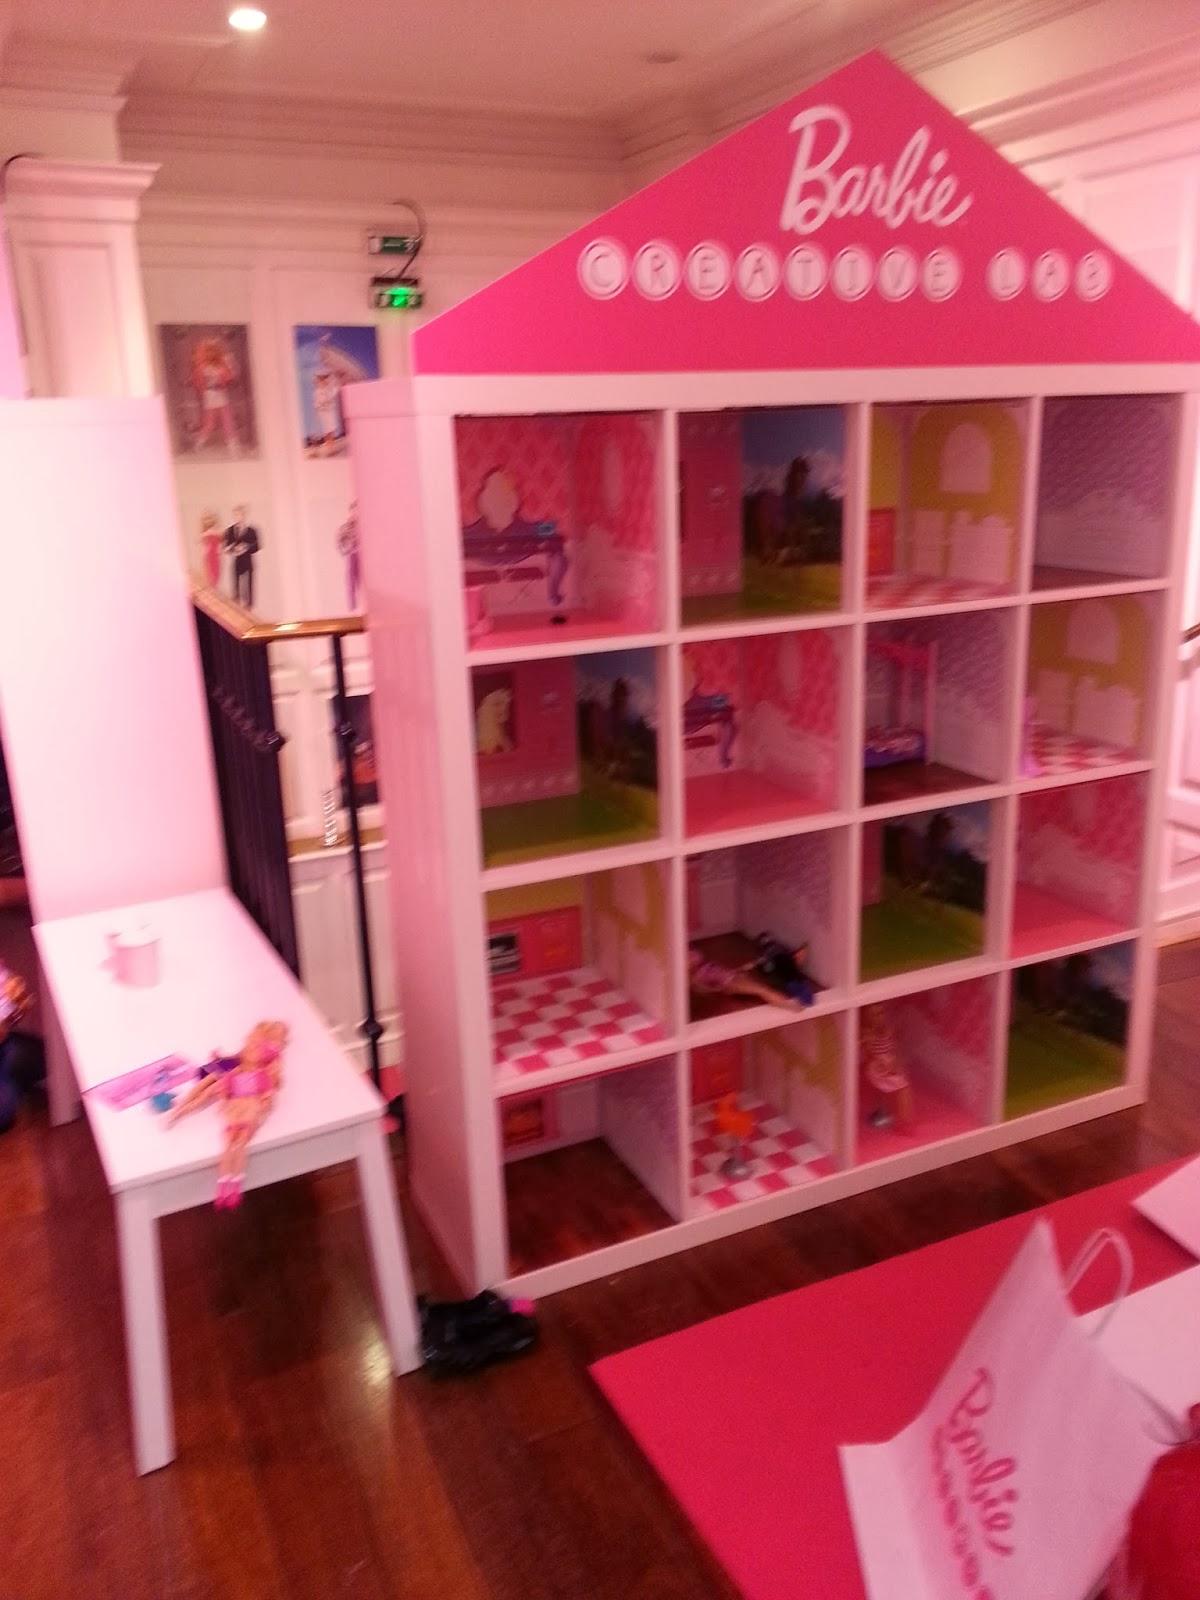 decorer la maison de barbie id e inspirante pour la conception de la maison. Black Bedroom Furniture Sets. Home Design Ideas